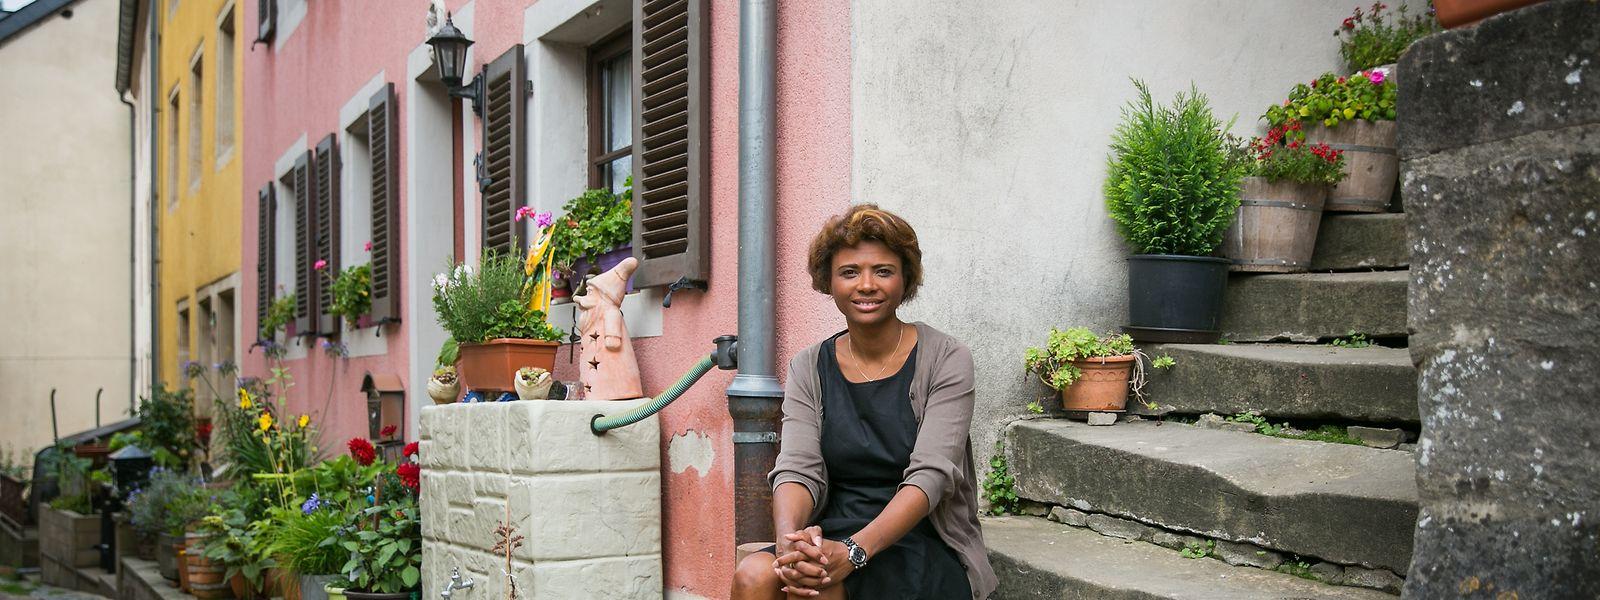 Natalie Silva é a nova burgomestre de Larochette, conhecida como a localidade mais portuguesa do Luxemburgo.